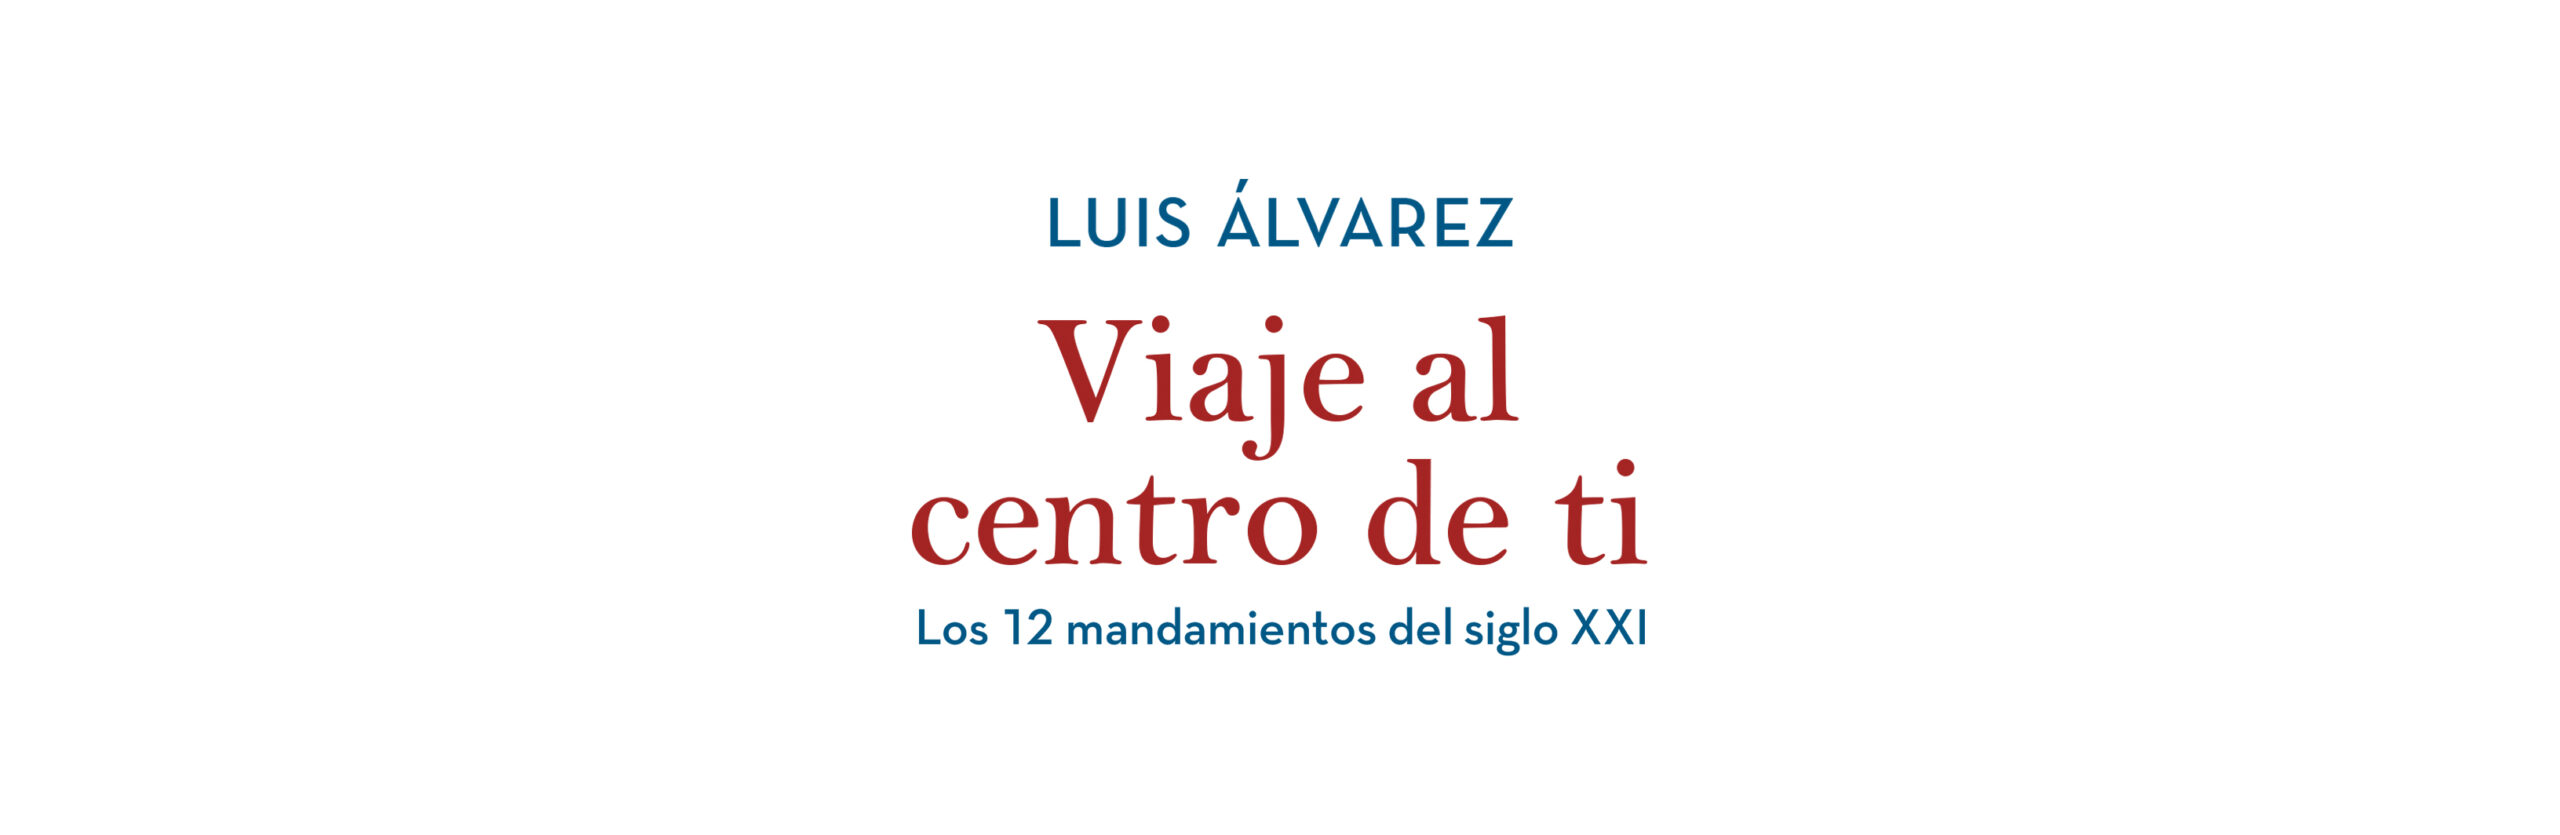 Luis-Alvarez-Viaje-al-Centro-de-ti